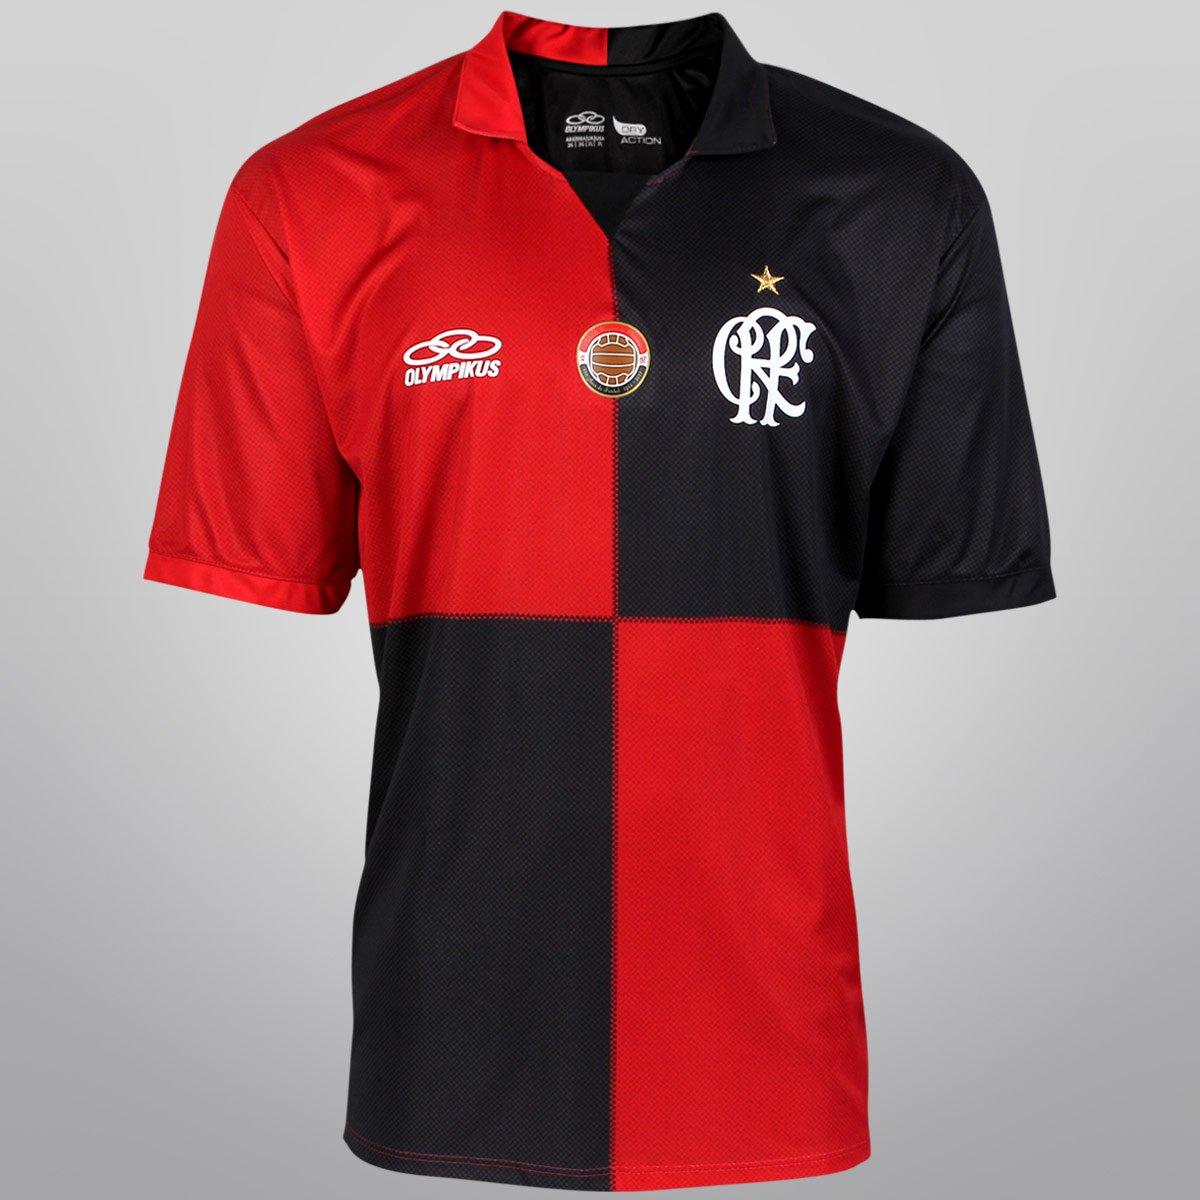 Camisa Olympikus Flamengo Centenário 2012 s nº - Ed. Especial - Compre  Agora  da92286dea018